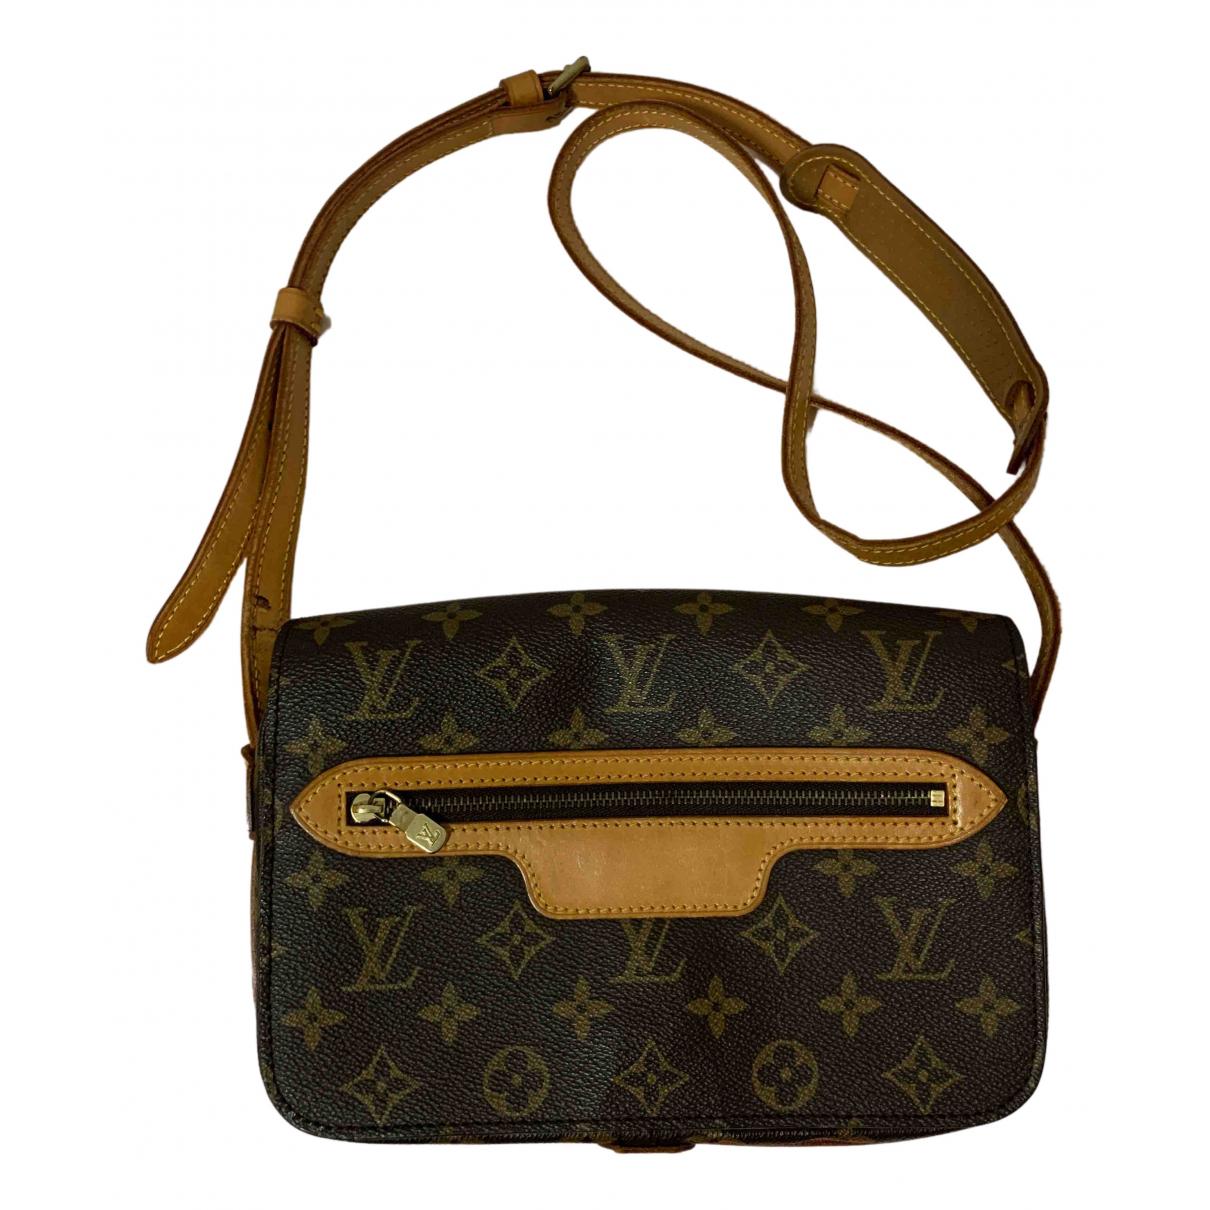 Louis Vuitton Saint-Germain Vintage  Handtasche in  Braun Leinen